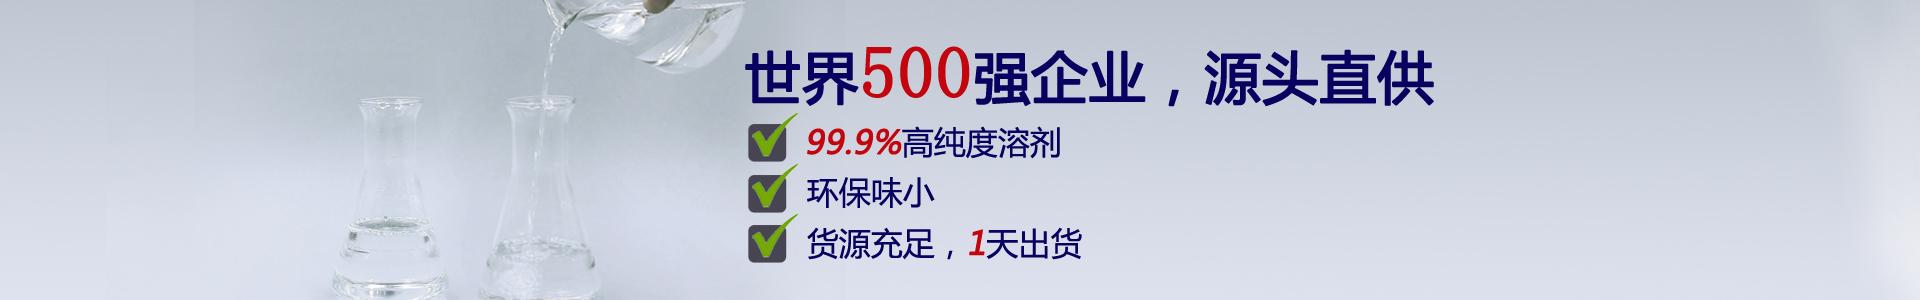 南箭化工-世界500强企业 源头直供